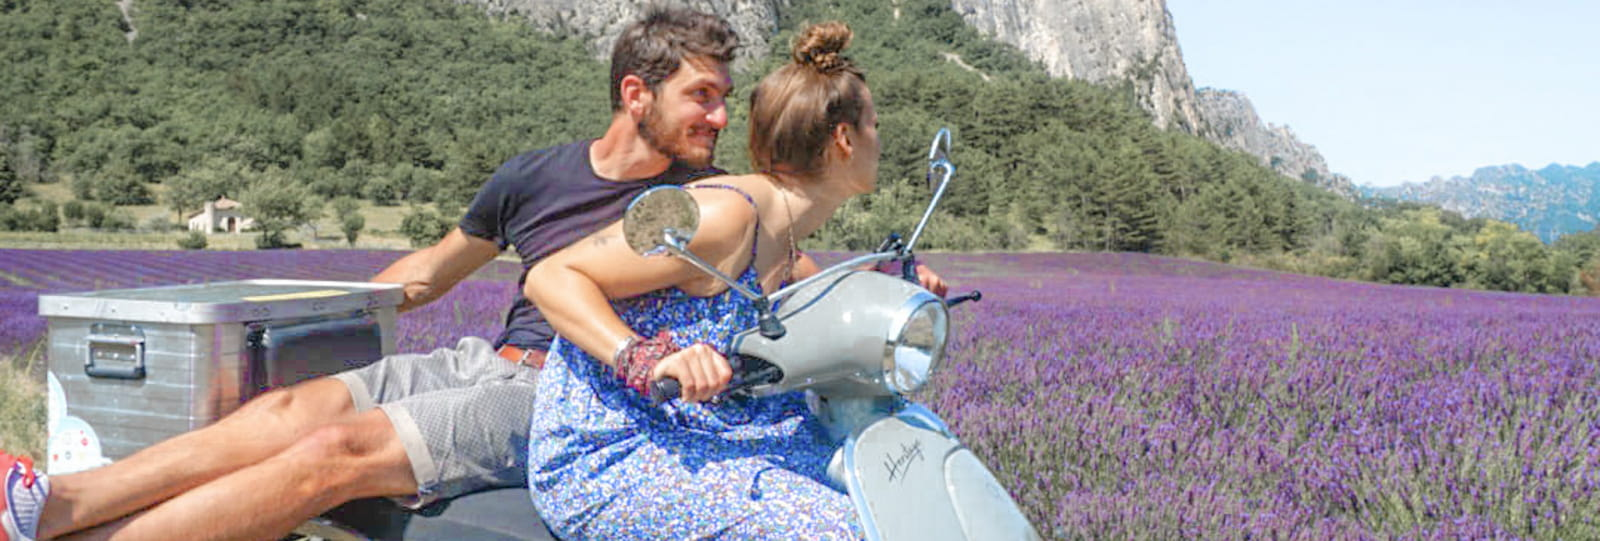 Scooter Nomad - Balades à scooter (électrique ou classique) et Mobylette